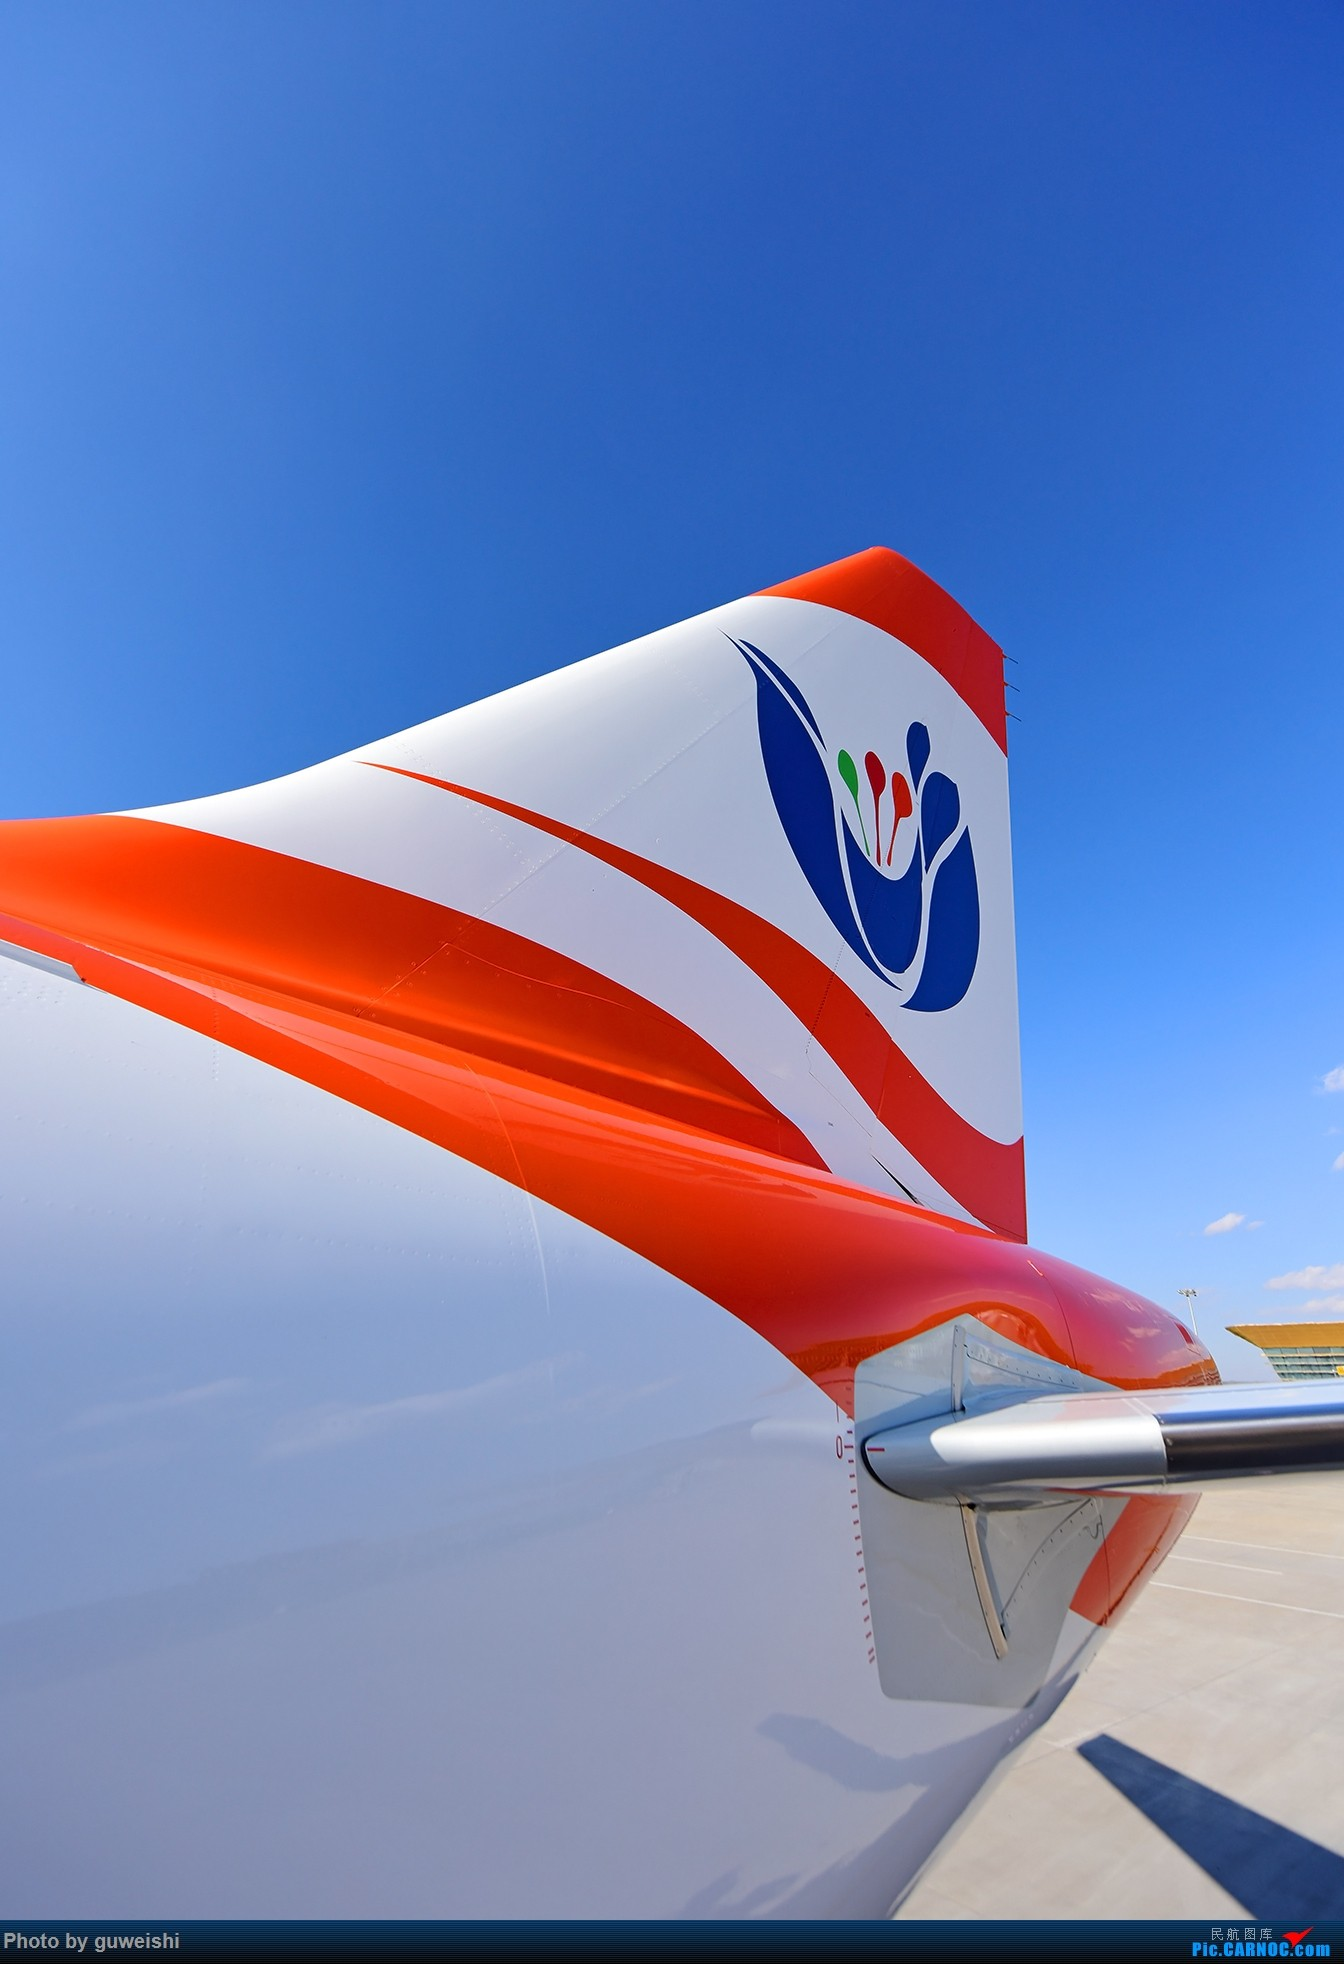 Re:【七彩天空】——你好,红土航空! AIRBUS A321-200 B-8285 中国昆明长水国际机场